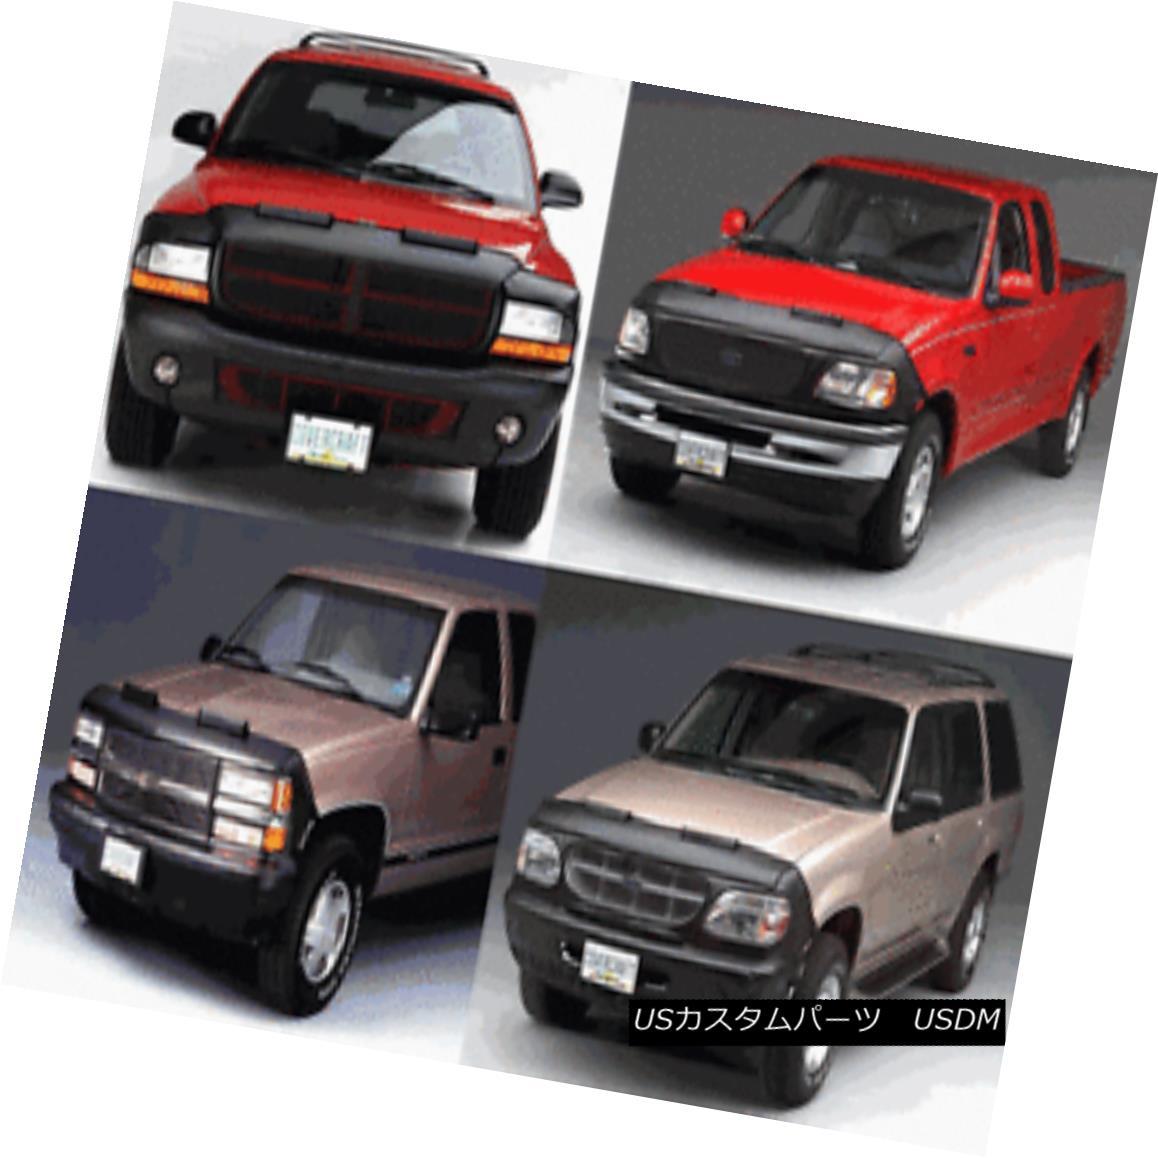 フルブラ ノーズブラ Lebra Front End Mask Cover Bra Fits 1998-2000 Ford Contour Lebraフロントエンドマスクカバーブラは1998-2000 Ford Contourに適合